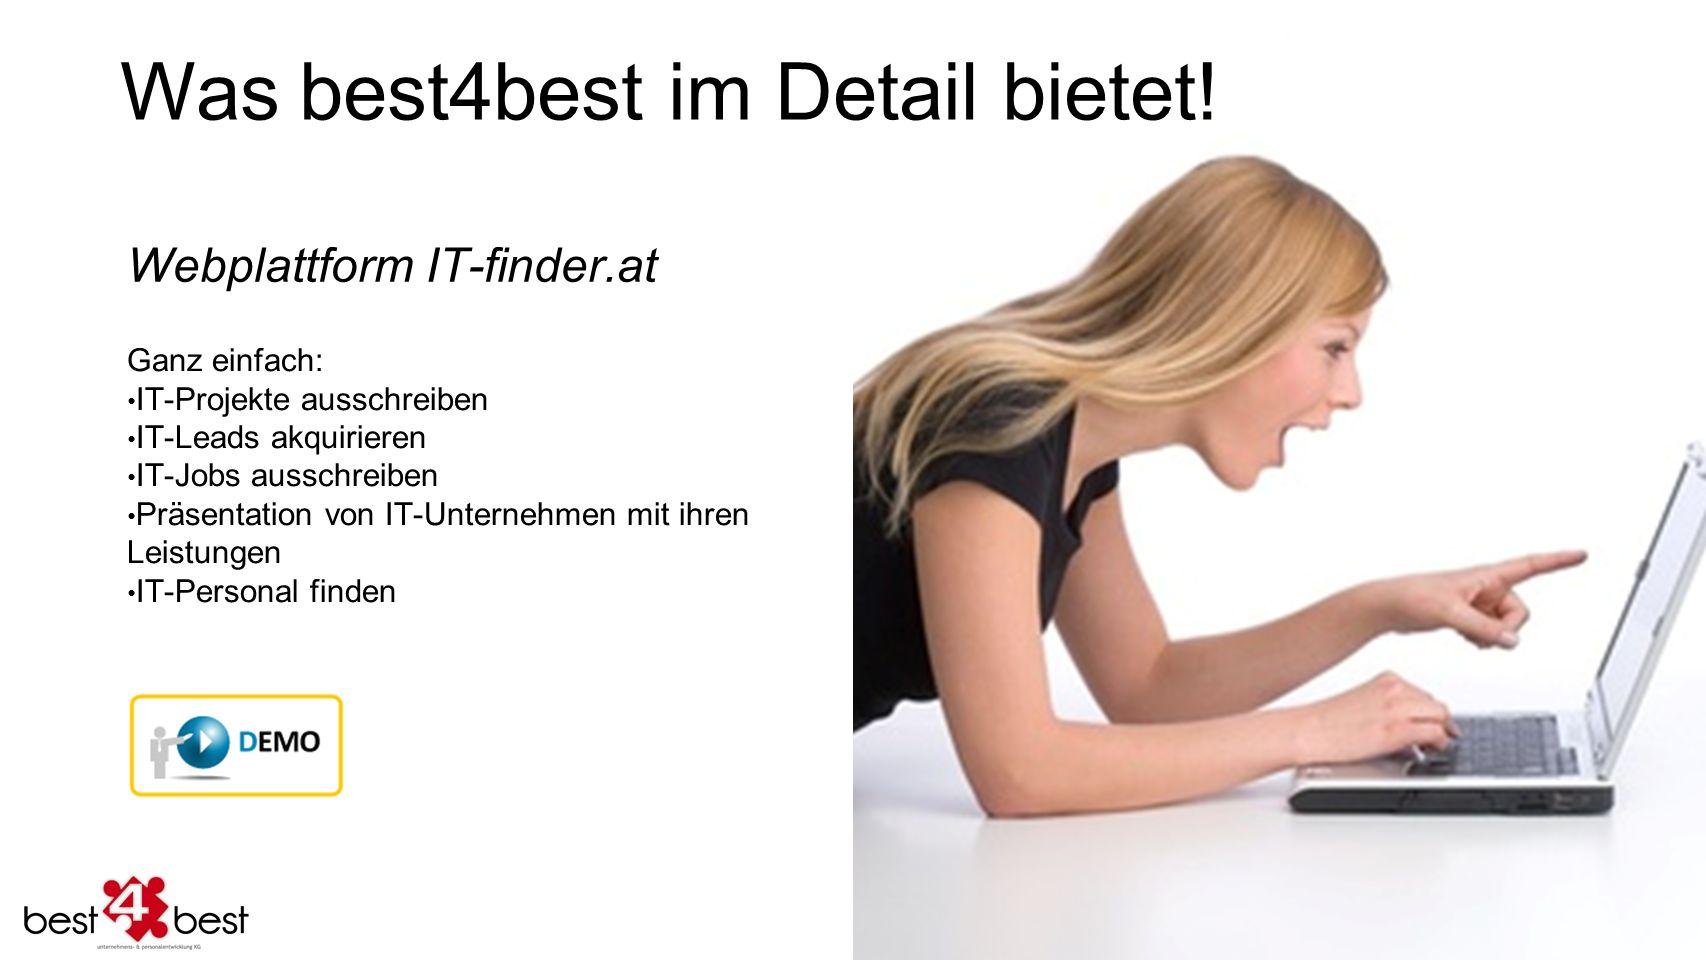 Webplattform IT-finder.at Ganz einfach: IT-Projekte ausschreiben IT-Leads akquirieren IT-Jobs ausschreiben Präsentation von IT-Unternehmen mit ihren L